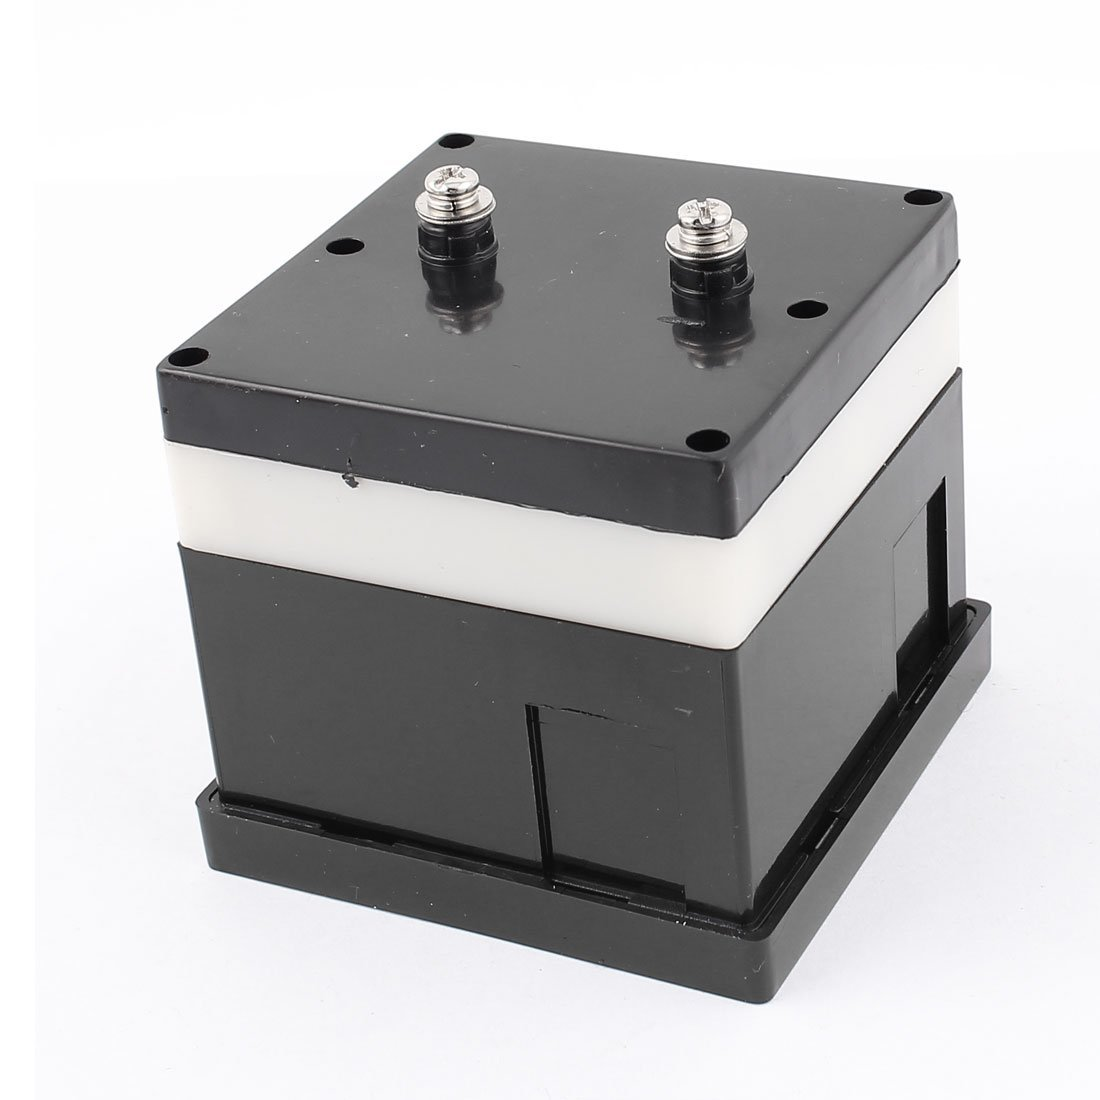 DealMux 10 Pcs 1/4 Hex Shank 3 milímetros Magnetic PH1 chave Phillips Bits - - Amazon.com